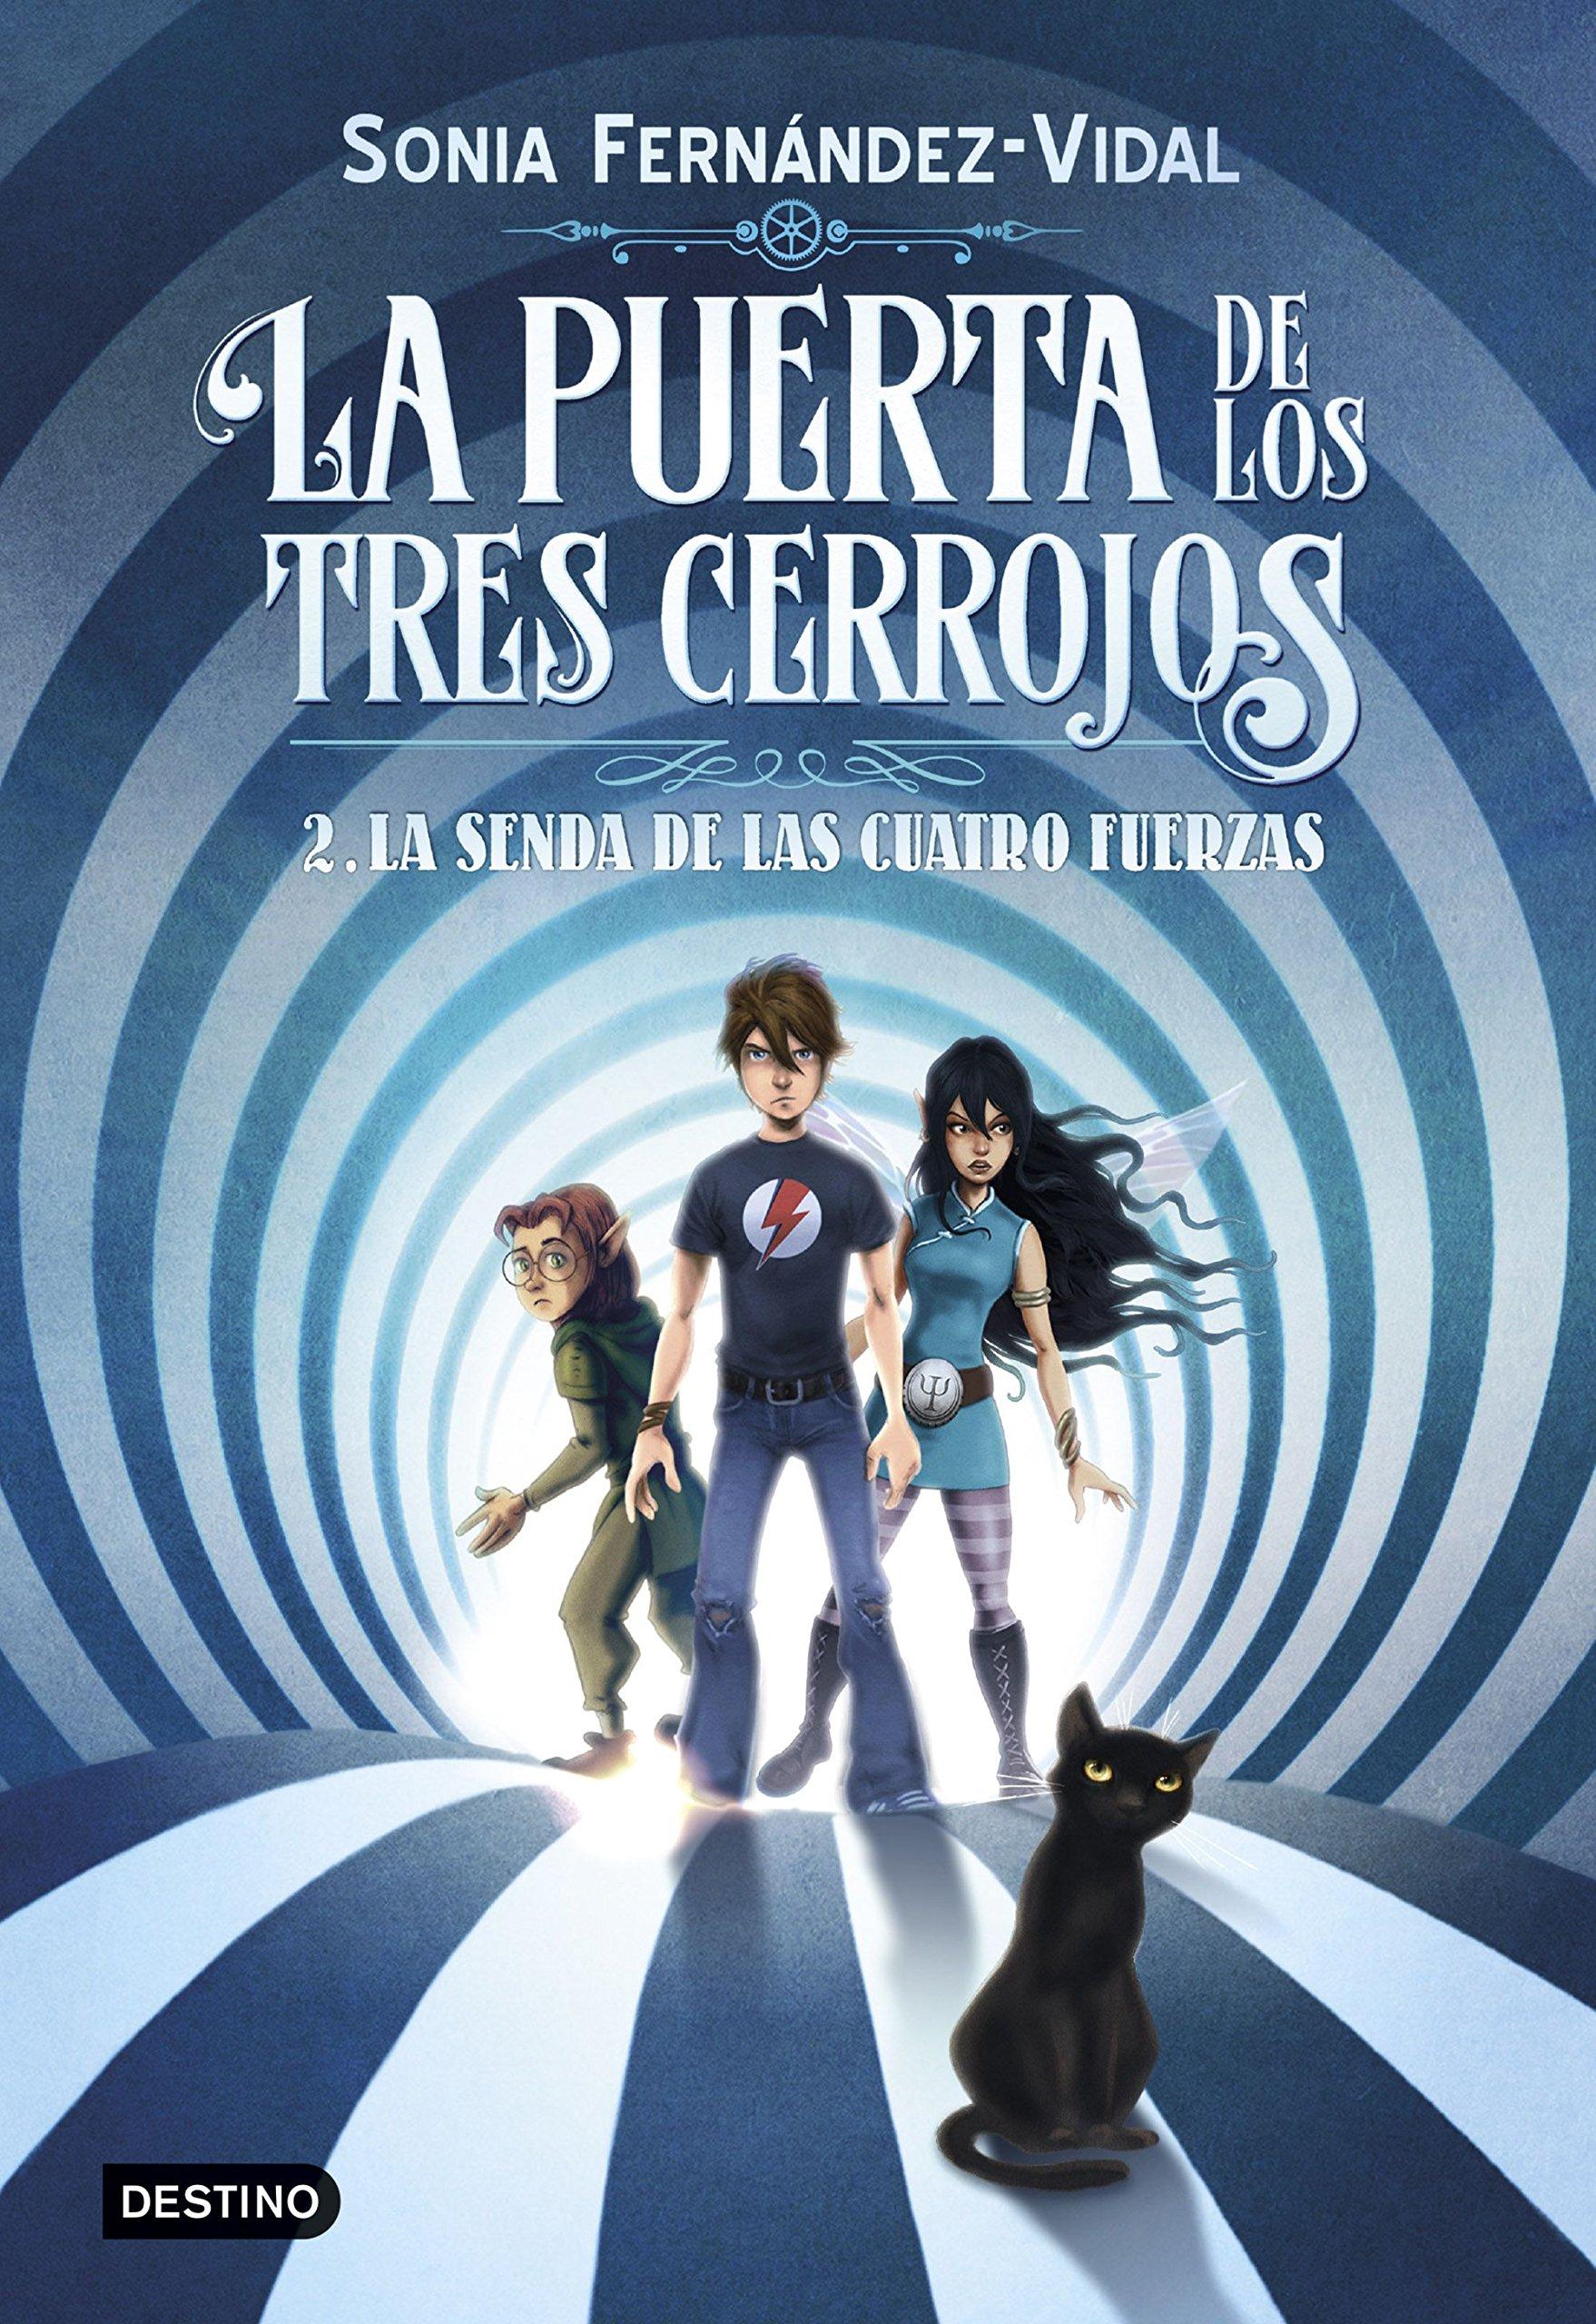 La puerta de los tres cerrojos 2. La senda de las cuatro fuerzas:  Amazon.es: Sónia Fernández-Vidal: Libros